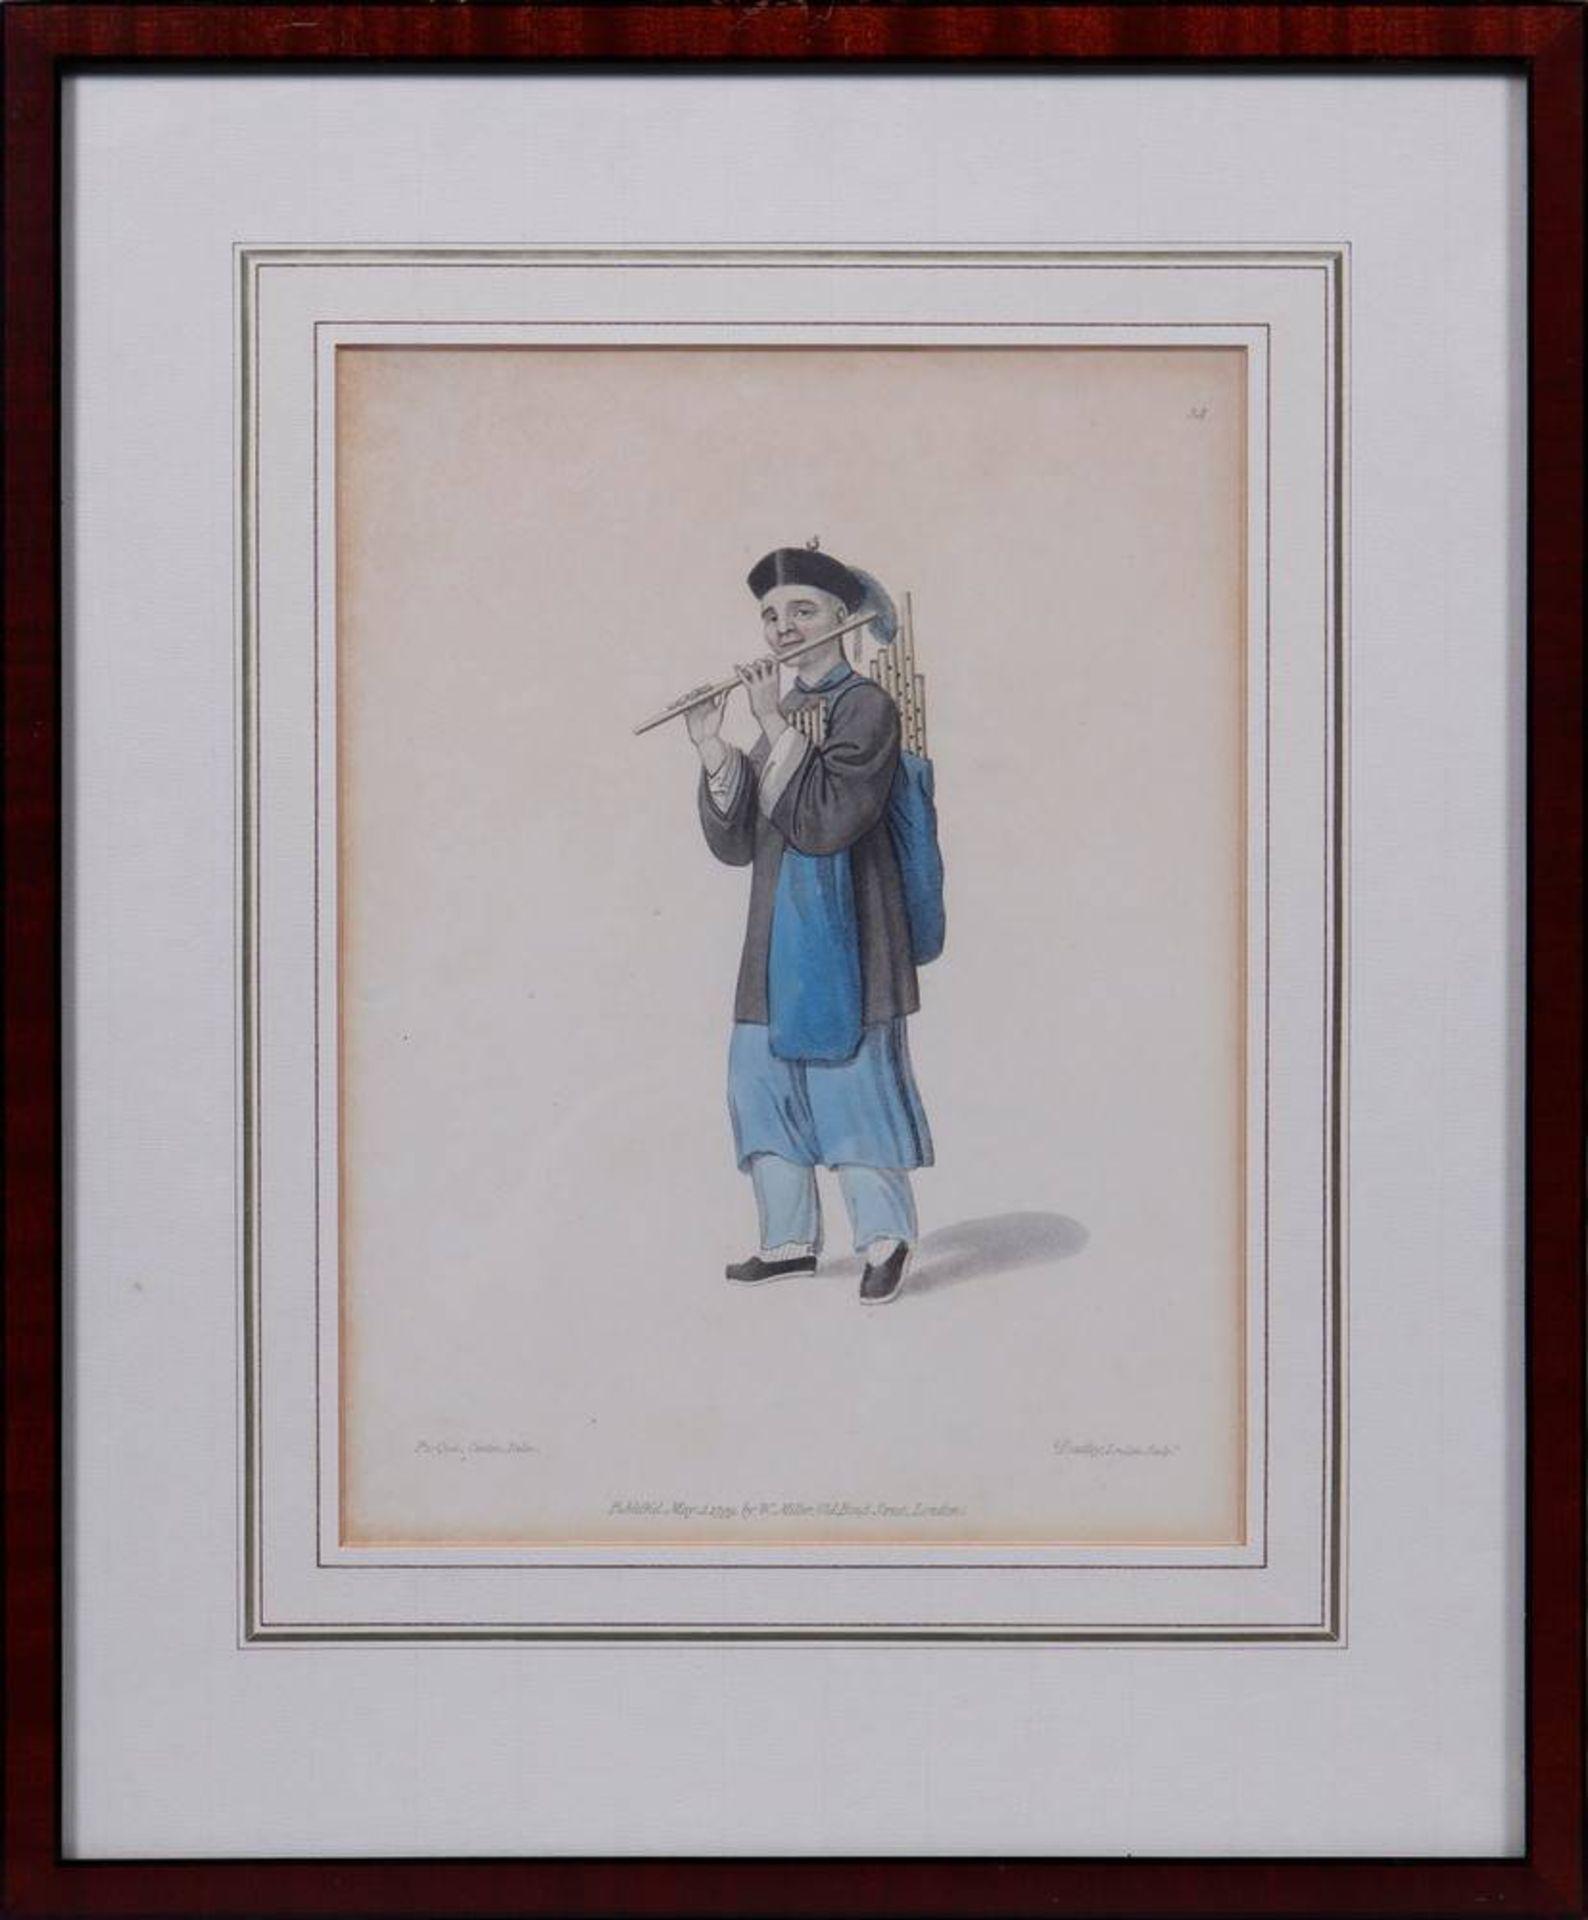 """7 Tafeln aus """"The Costume of China"""", kolorierte Stiche von John Dadley nach Zei - Image 13 of 13"""